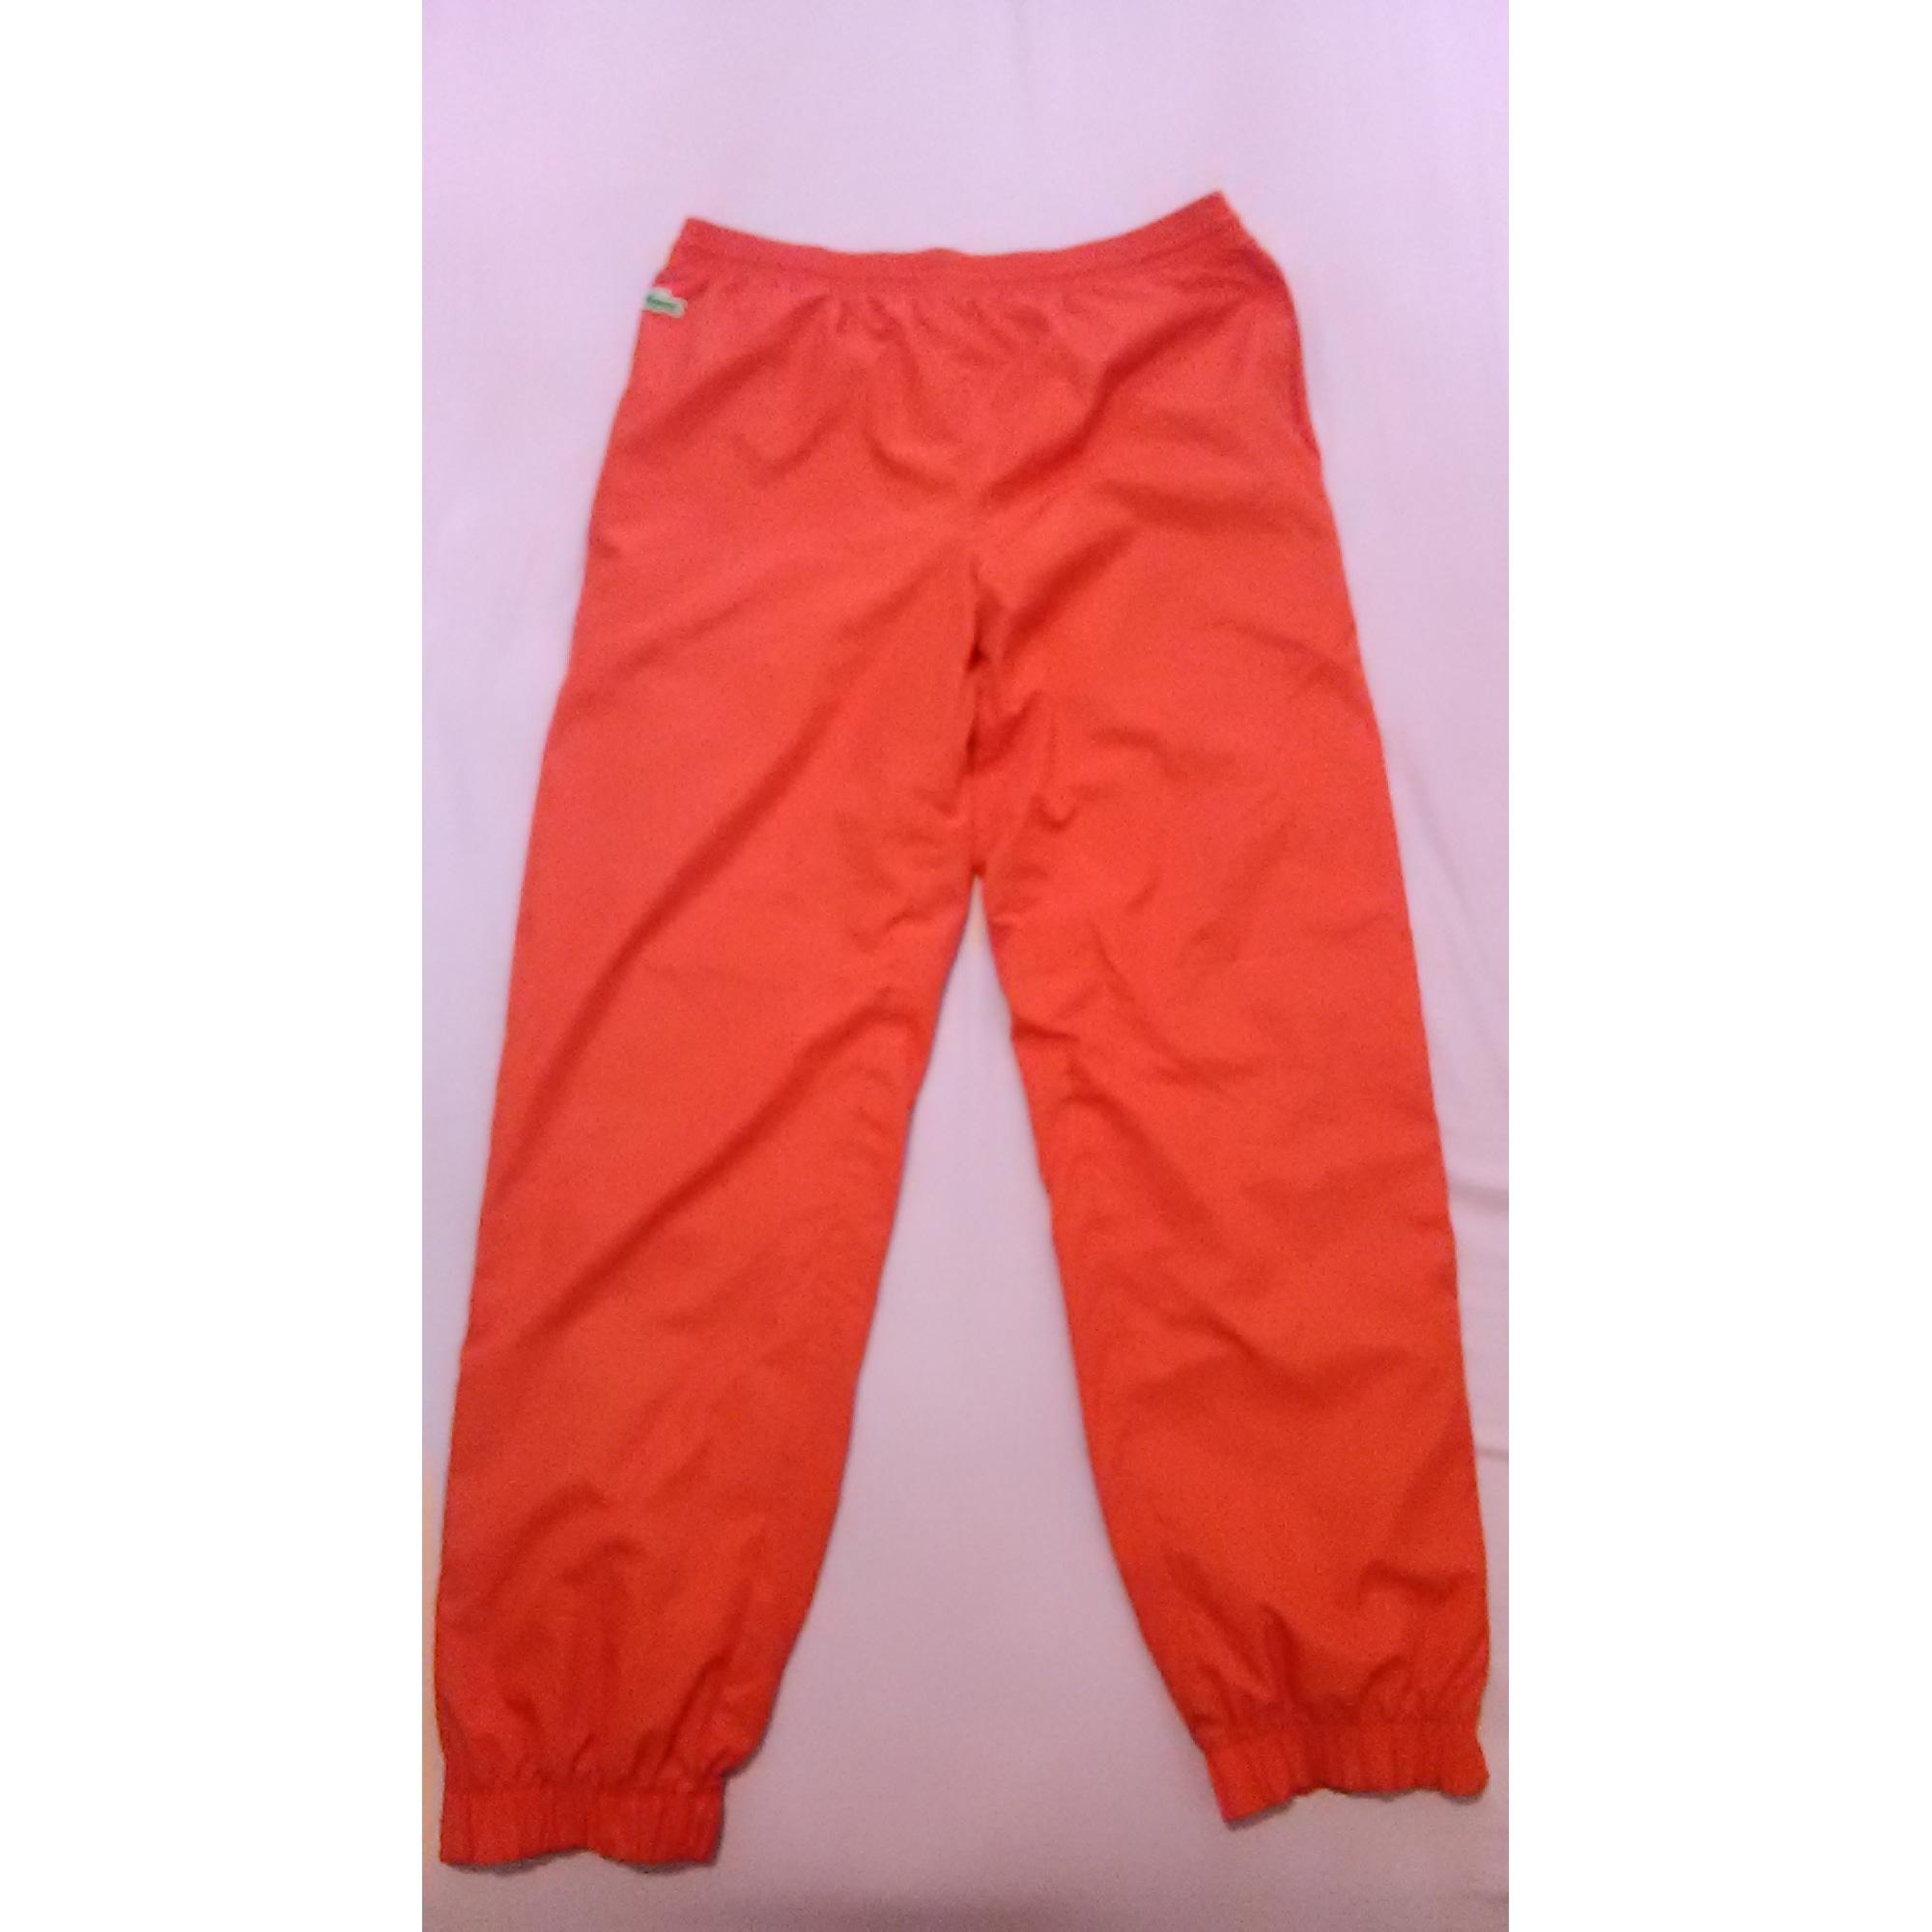 16141674ac Pantalon de survêtement LACOSTE Autre rouge/orangé - 8617378